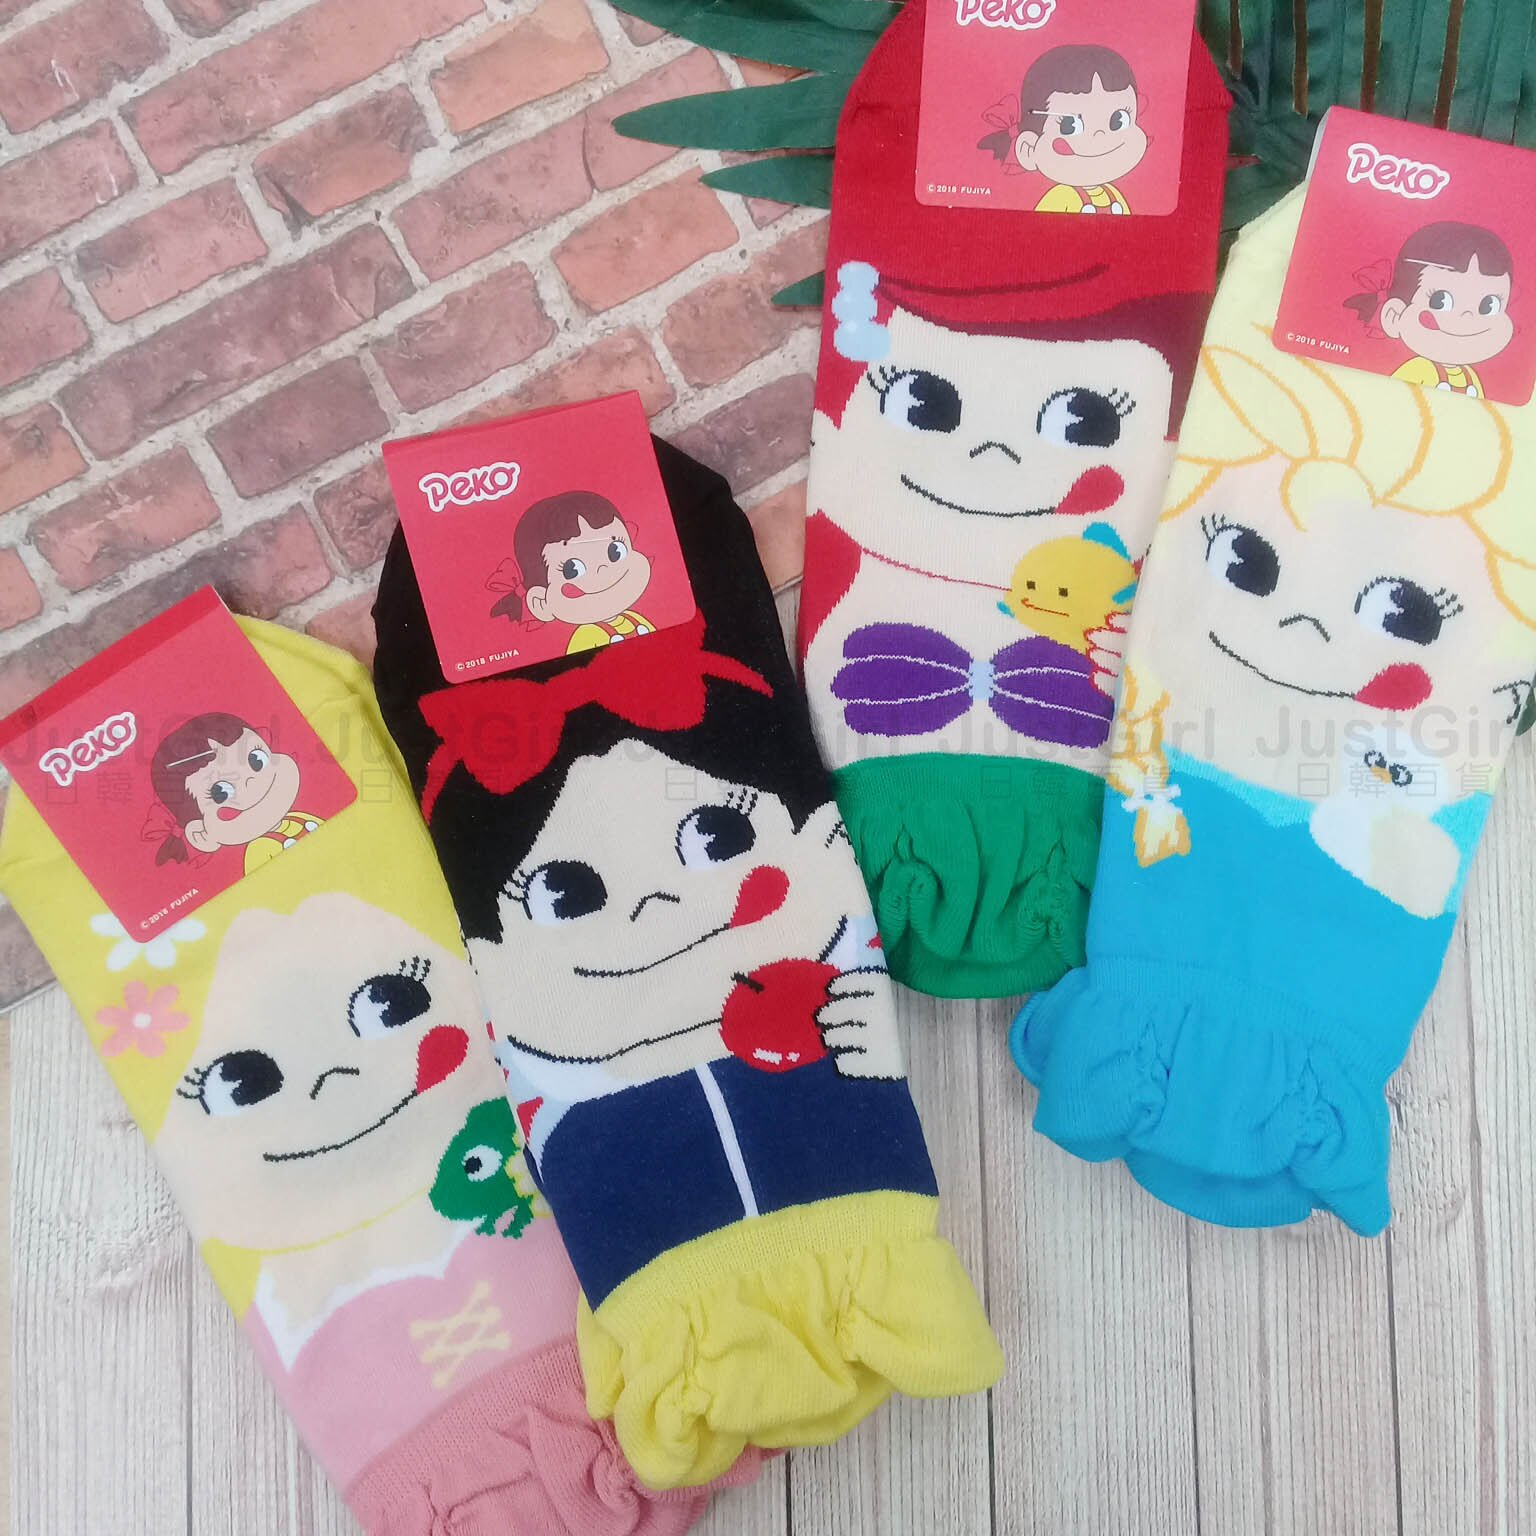 韓國襪 peko 牛奶妹 迪士尼公主 ELSA 白雪公主 美人魚 造型襪子 短襪 船型襪 正版授權 Justgirl。人氣店家JustGirl日韓百貨的有最棒的商品。快到日本NO.1的Rakuten樂